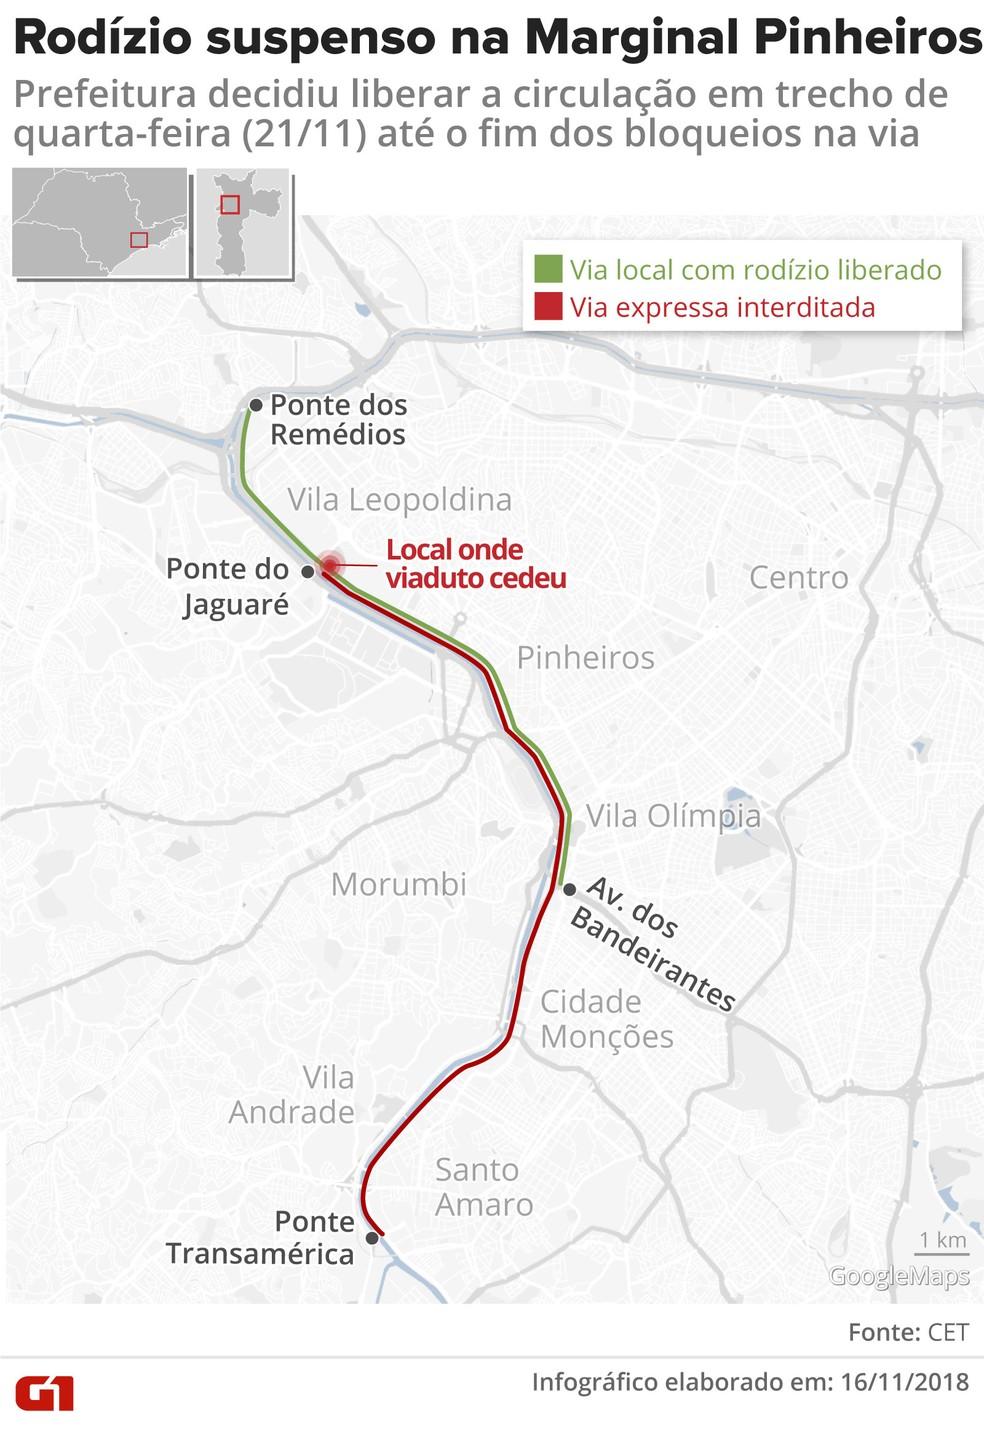 Mapa de trecho da Marginal Pinheiros com rodízio suspenso após viaduto ceder — Foto: Igor Estrella/G1